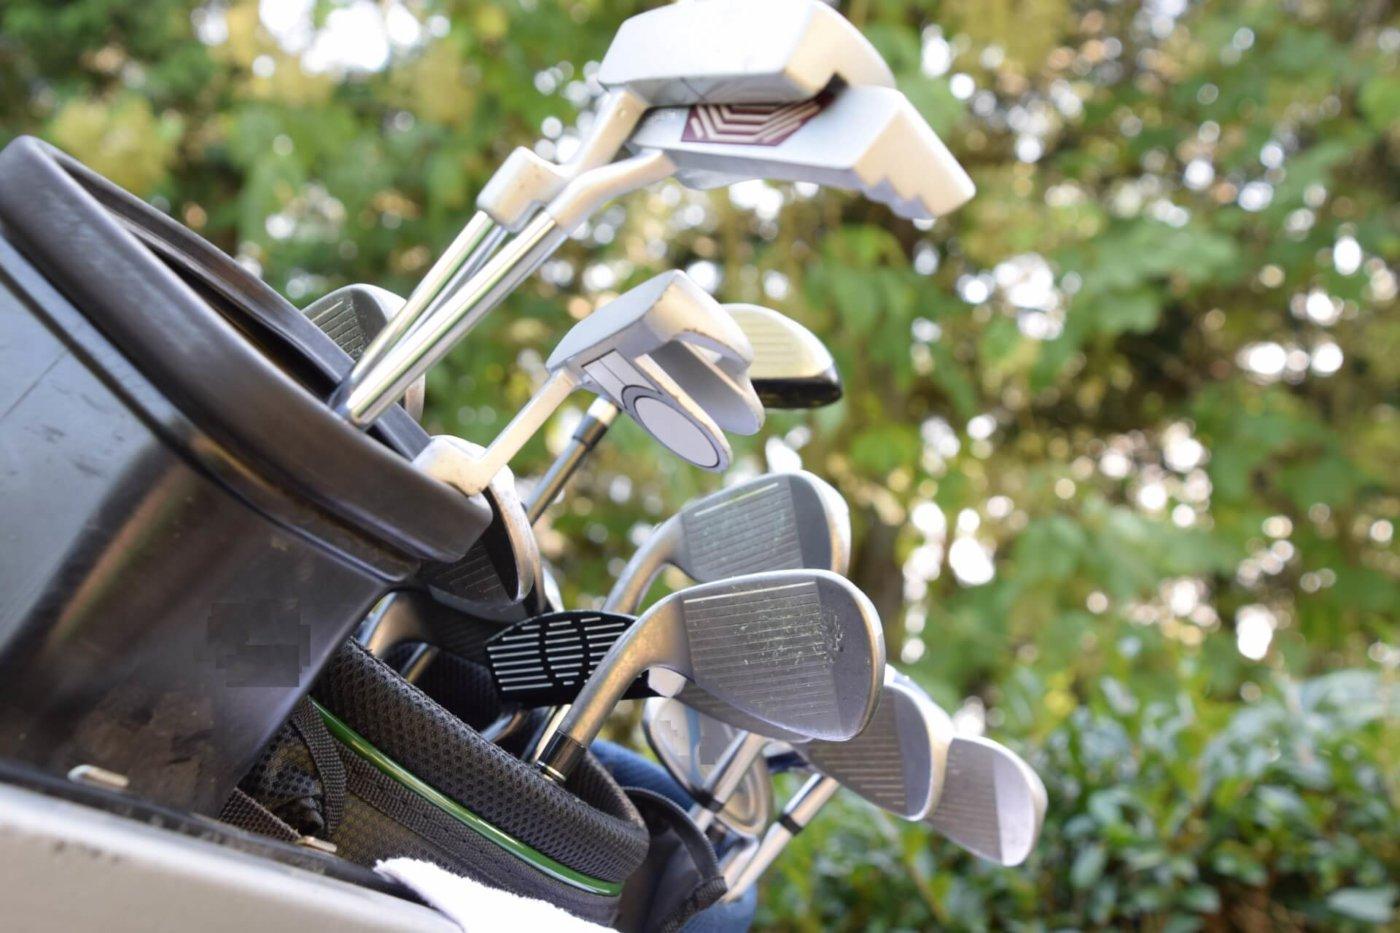 初心者が揃えたいゴルフクラブの種類は?